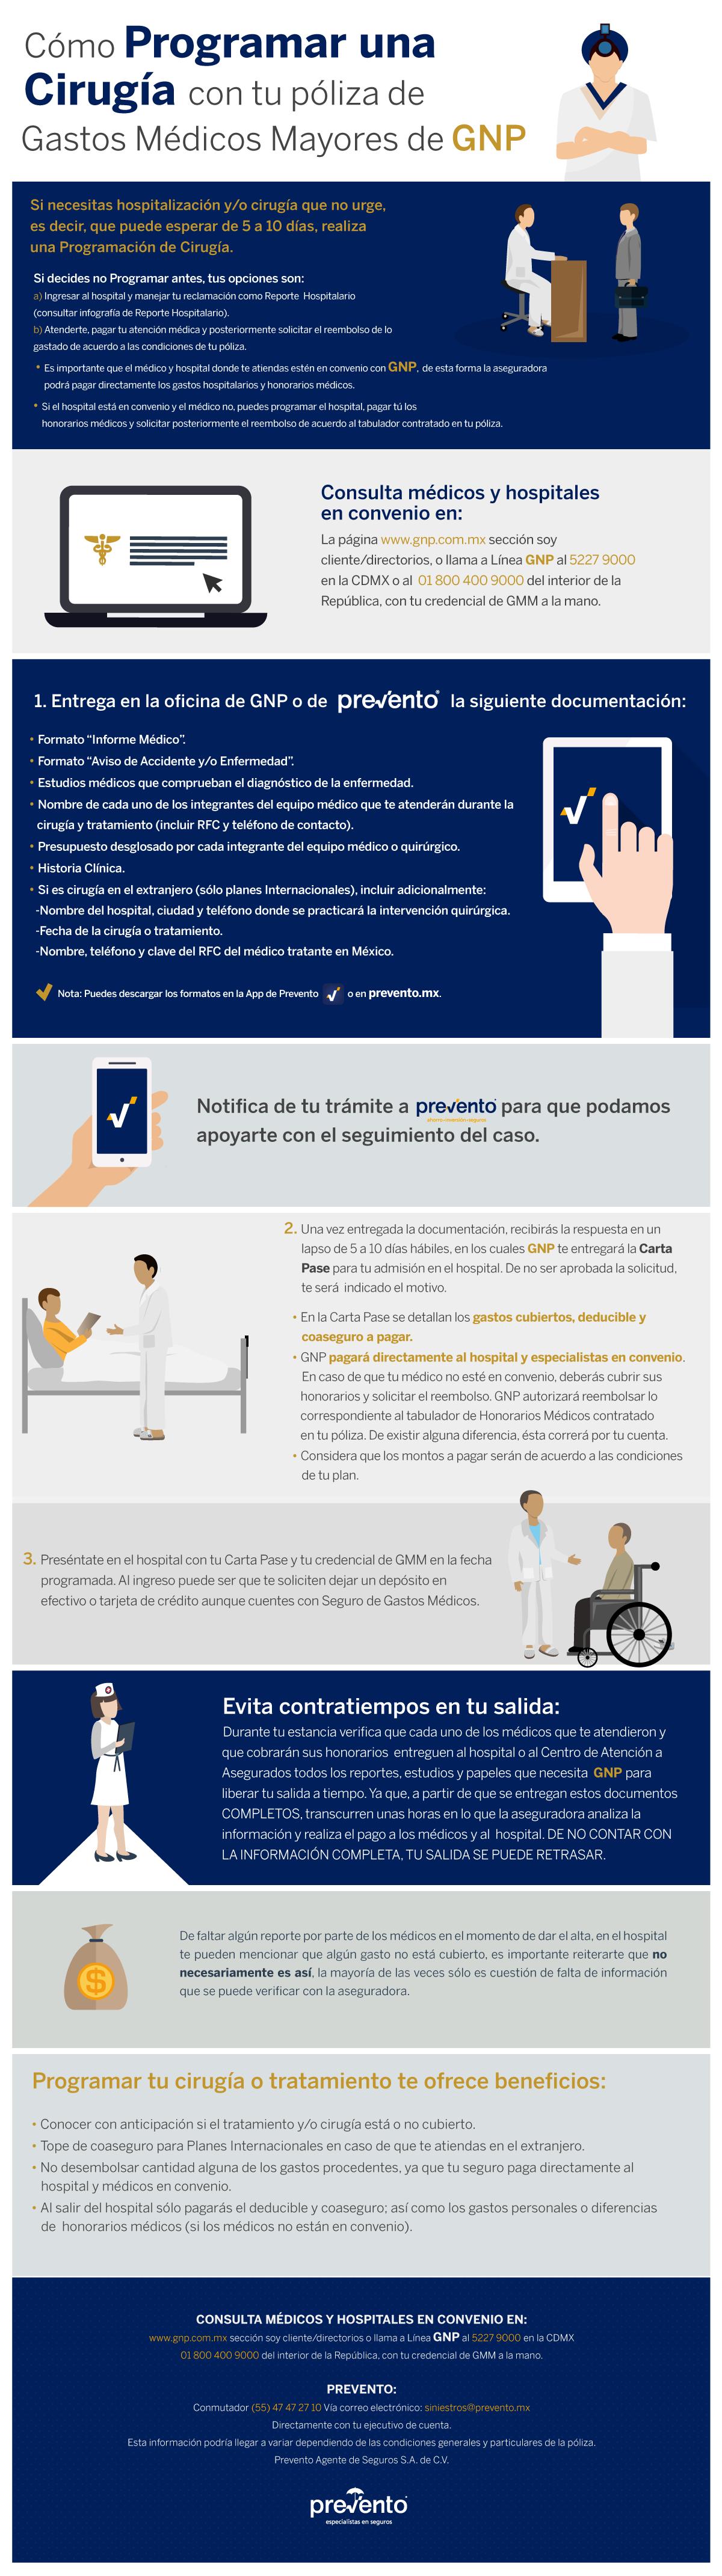 Infografía Programación de Cirugía